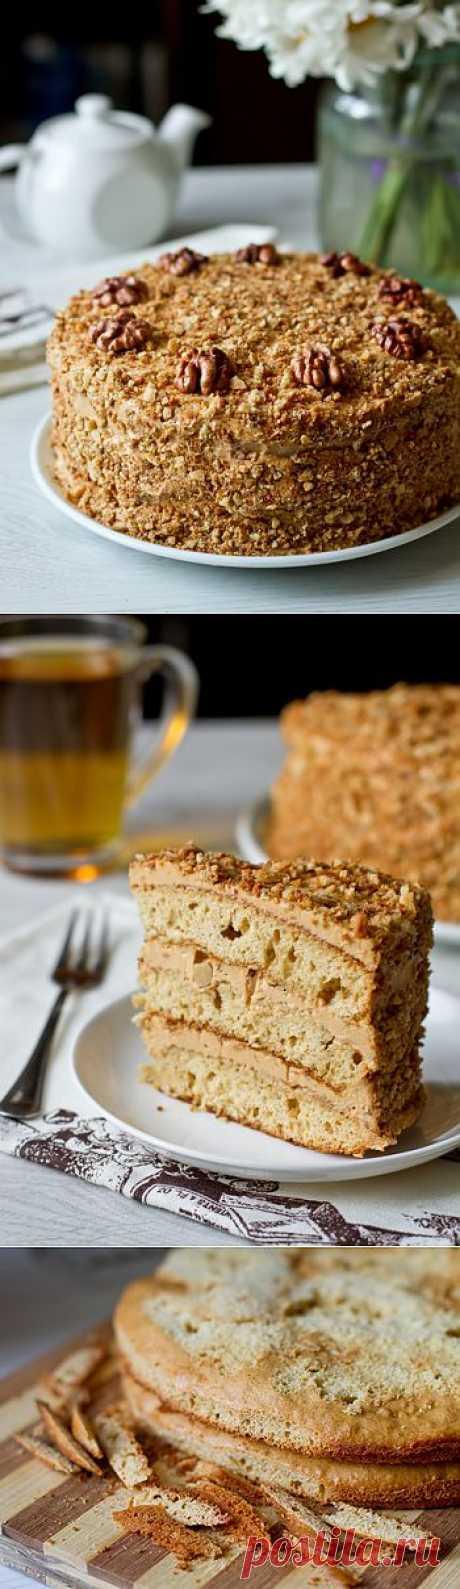 Медовый торт с грецкими орехами. Не трудоемкий чем обычный, но не менее вкуснее его.